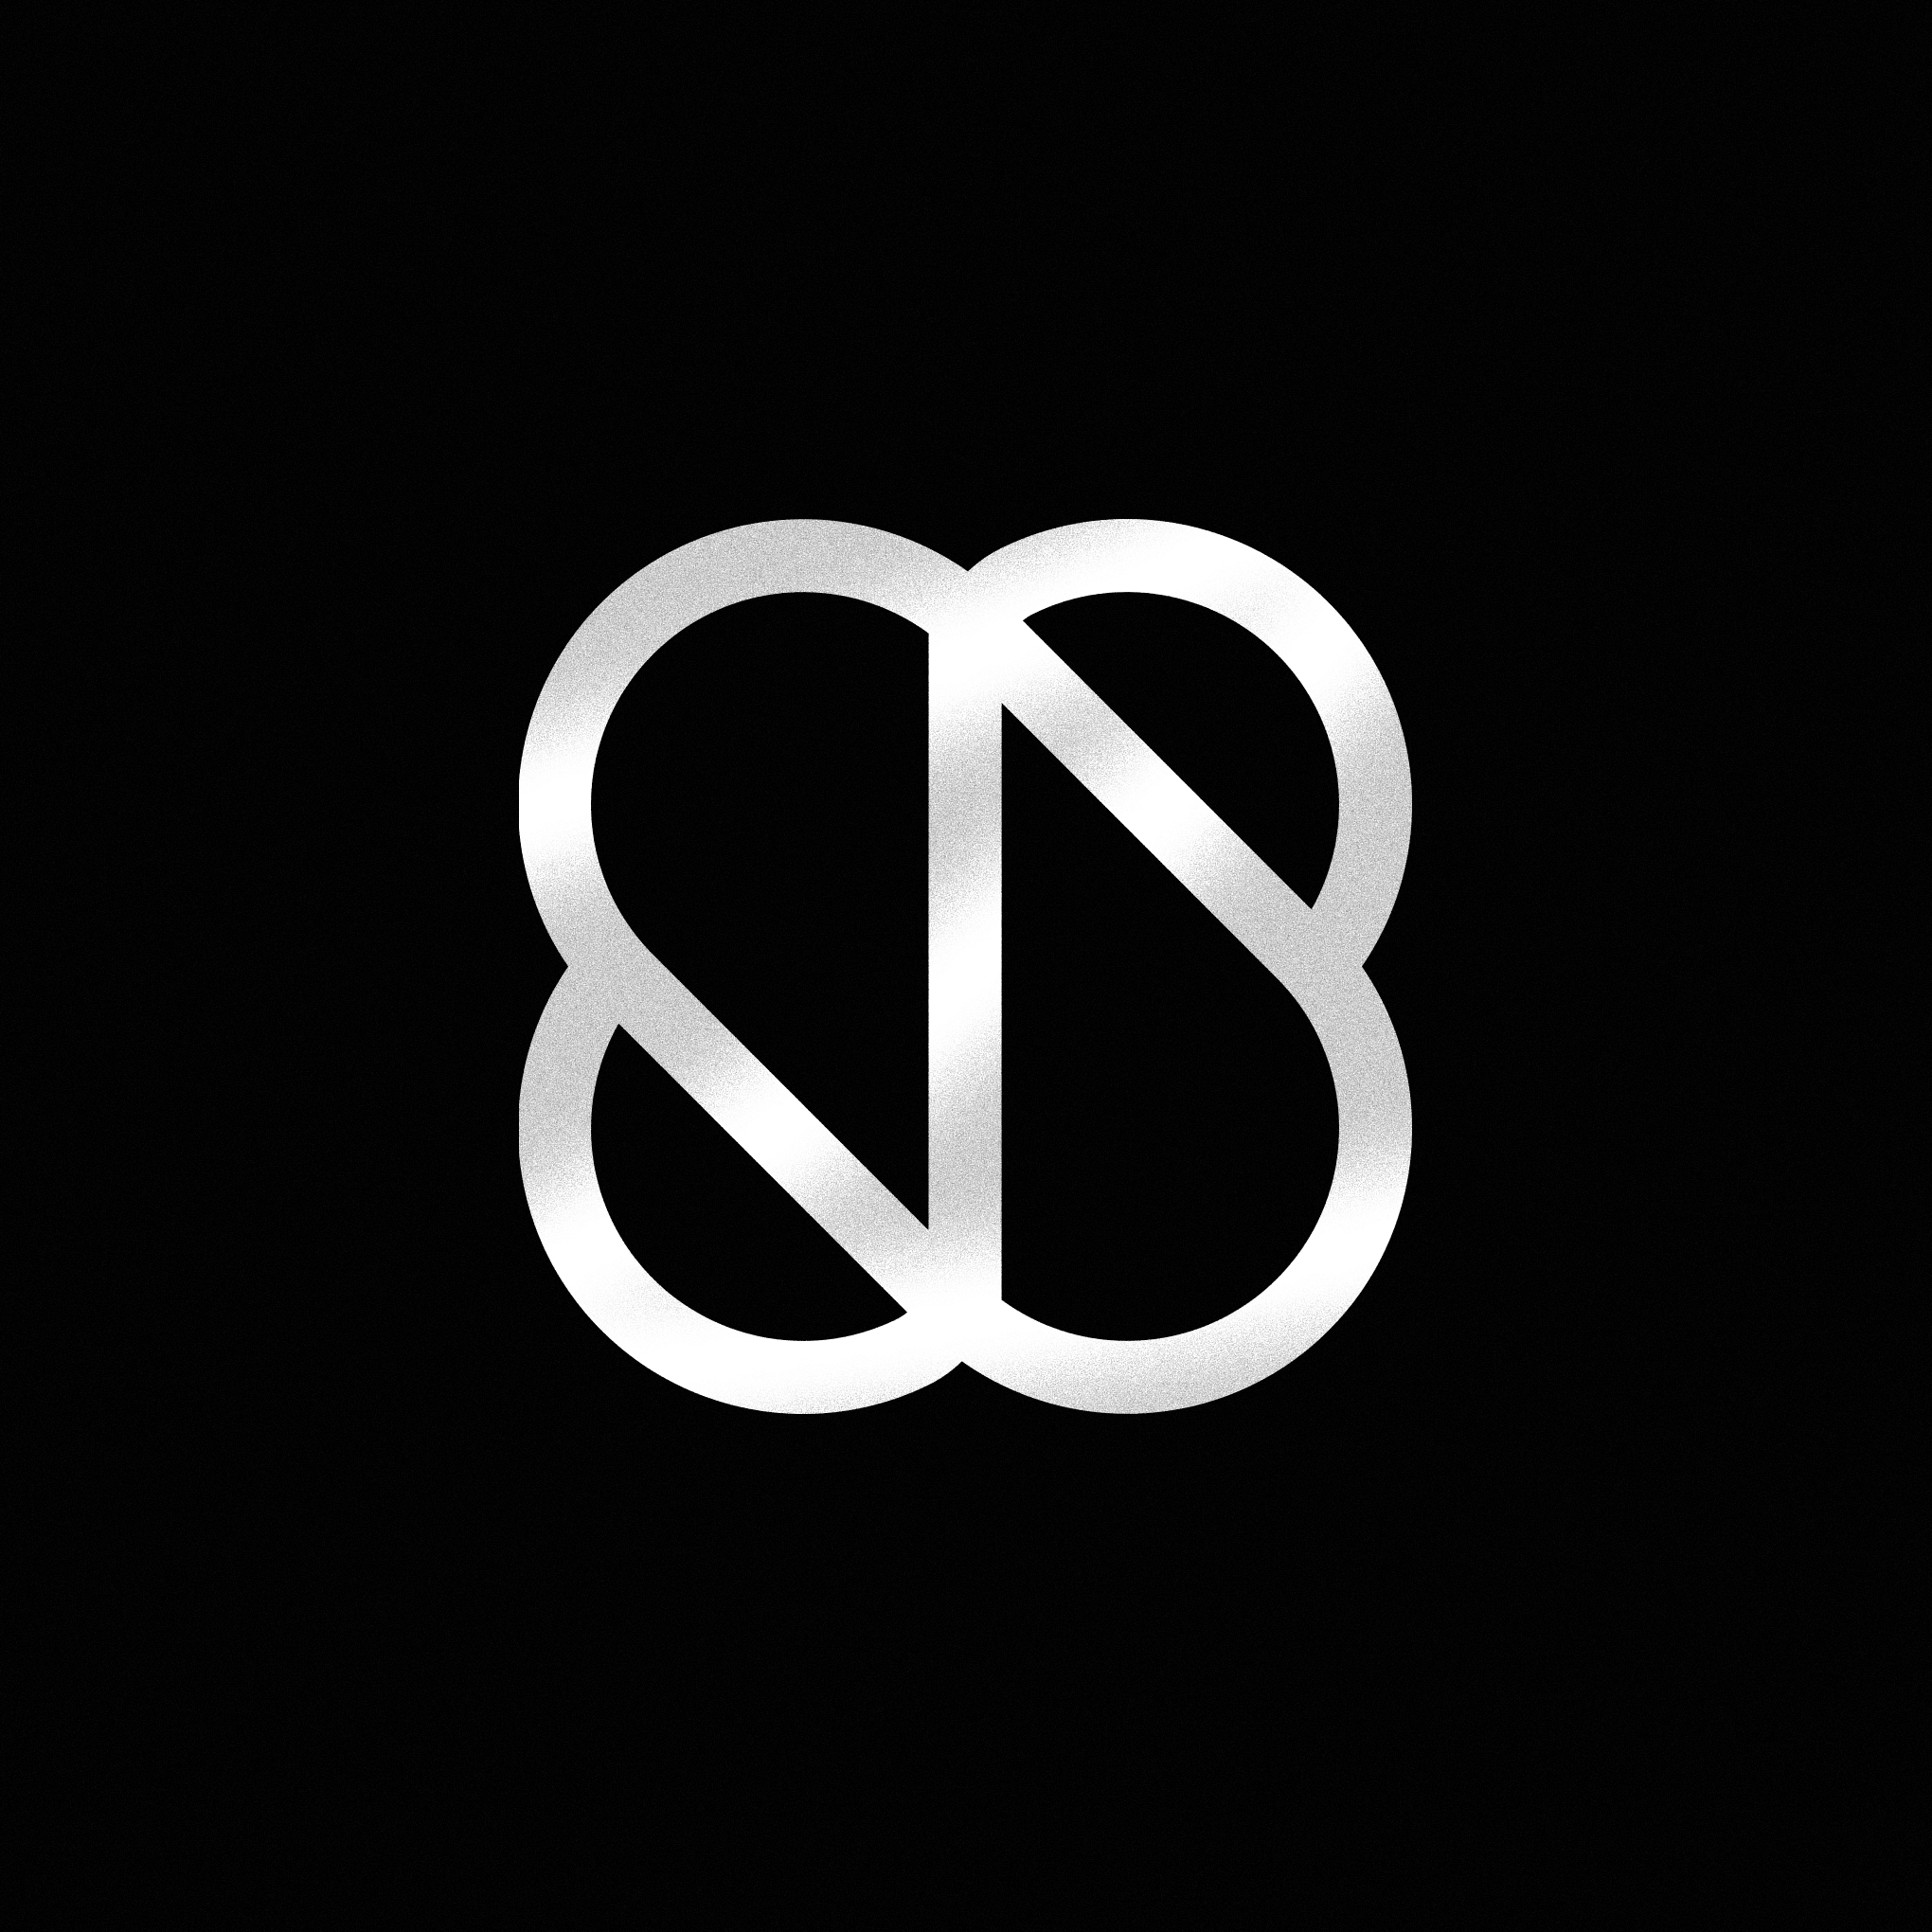 elbustudio on LogoLounge